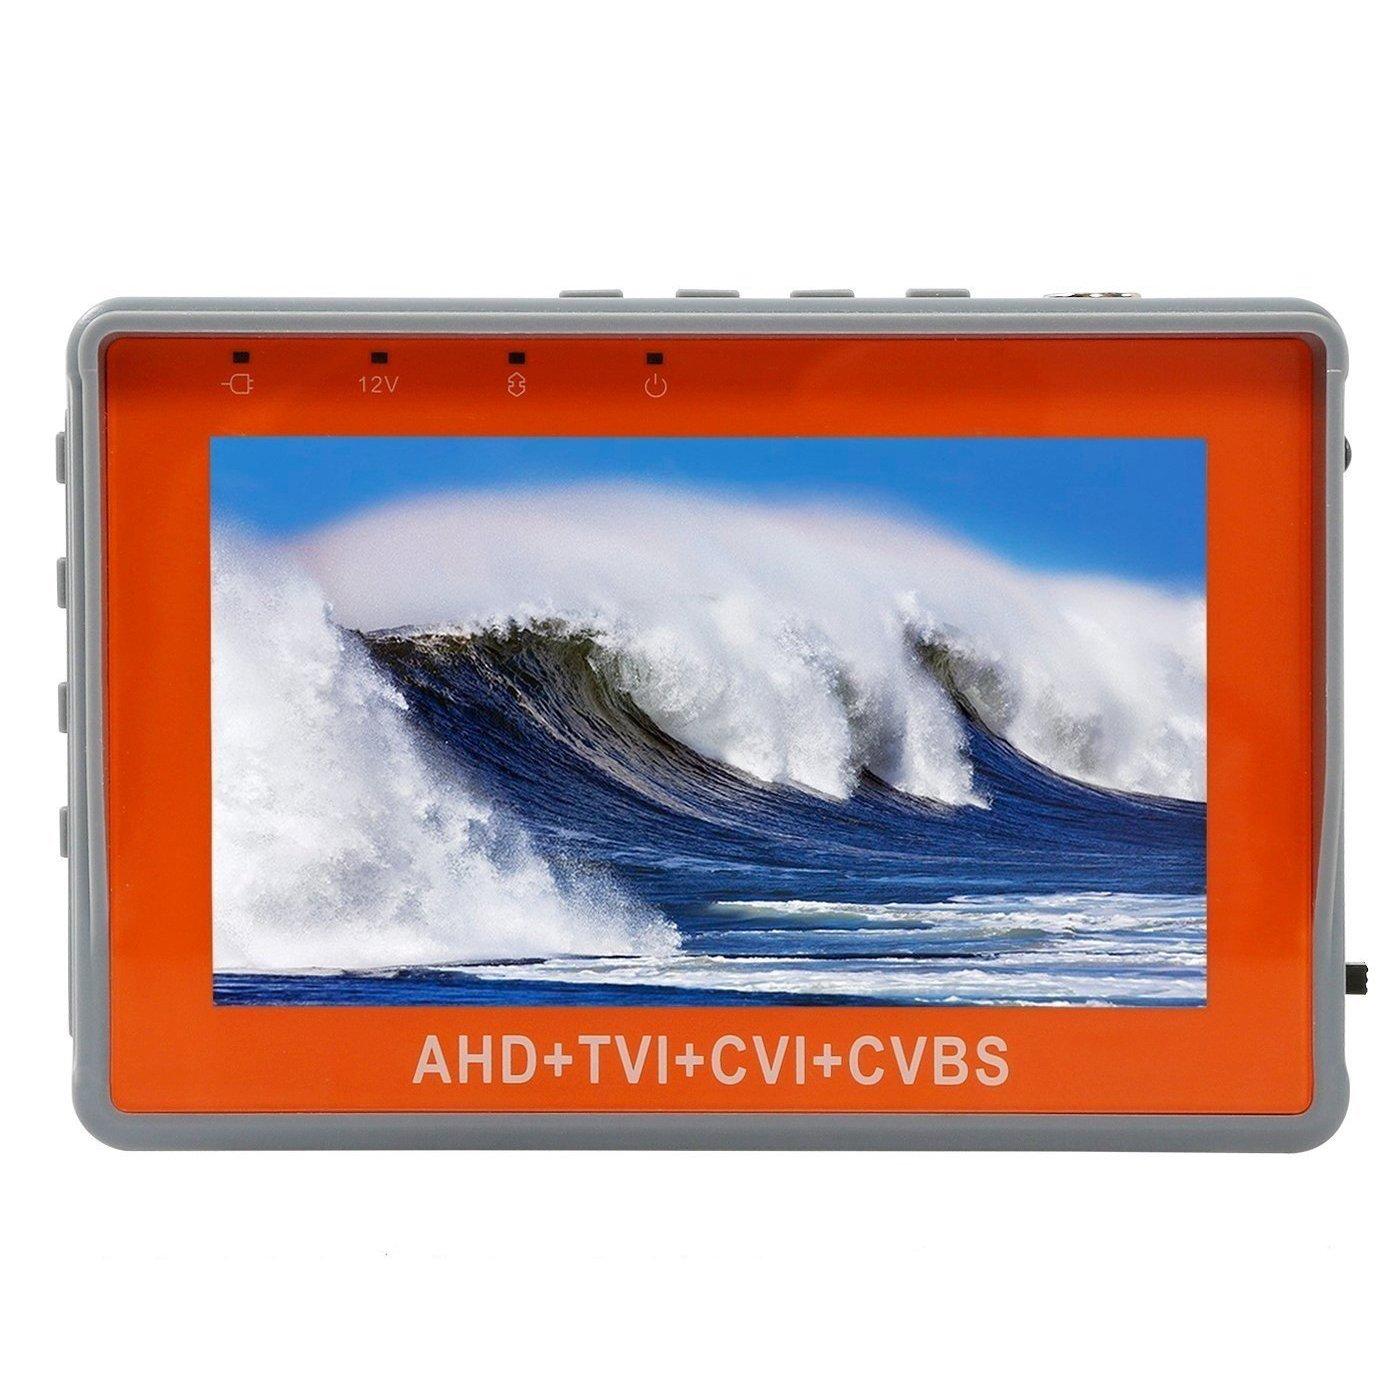 Eoncore Portable Wrist 4.3'' 720P 1080P TVI CCTV Camera Cam Video Test Monitor Tester 12V-Out (AHD+TVI+CVBS+CVI)